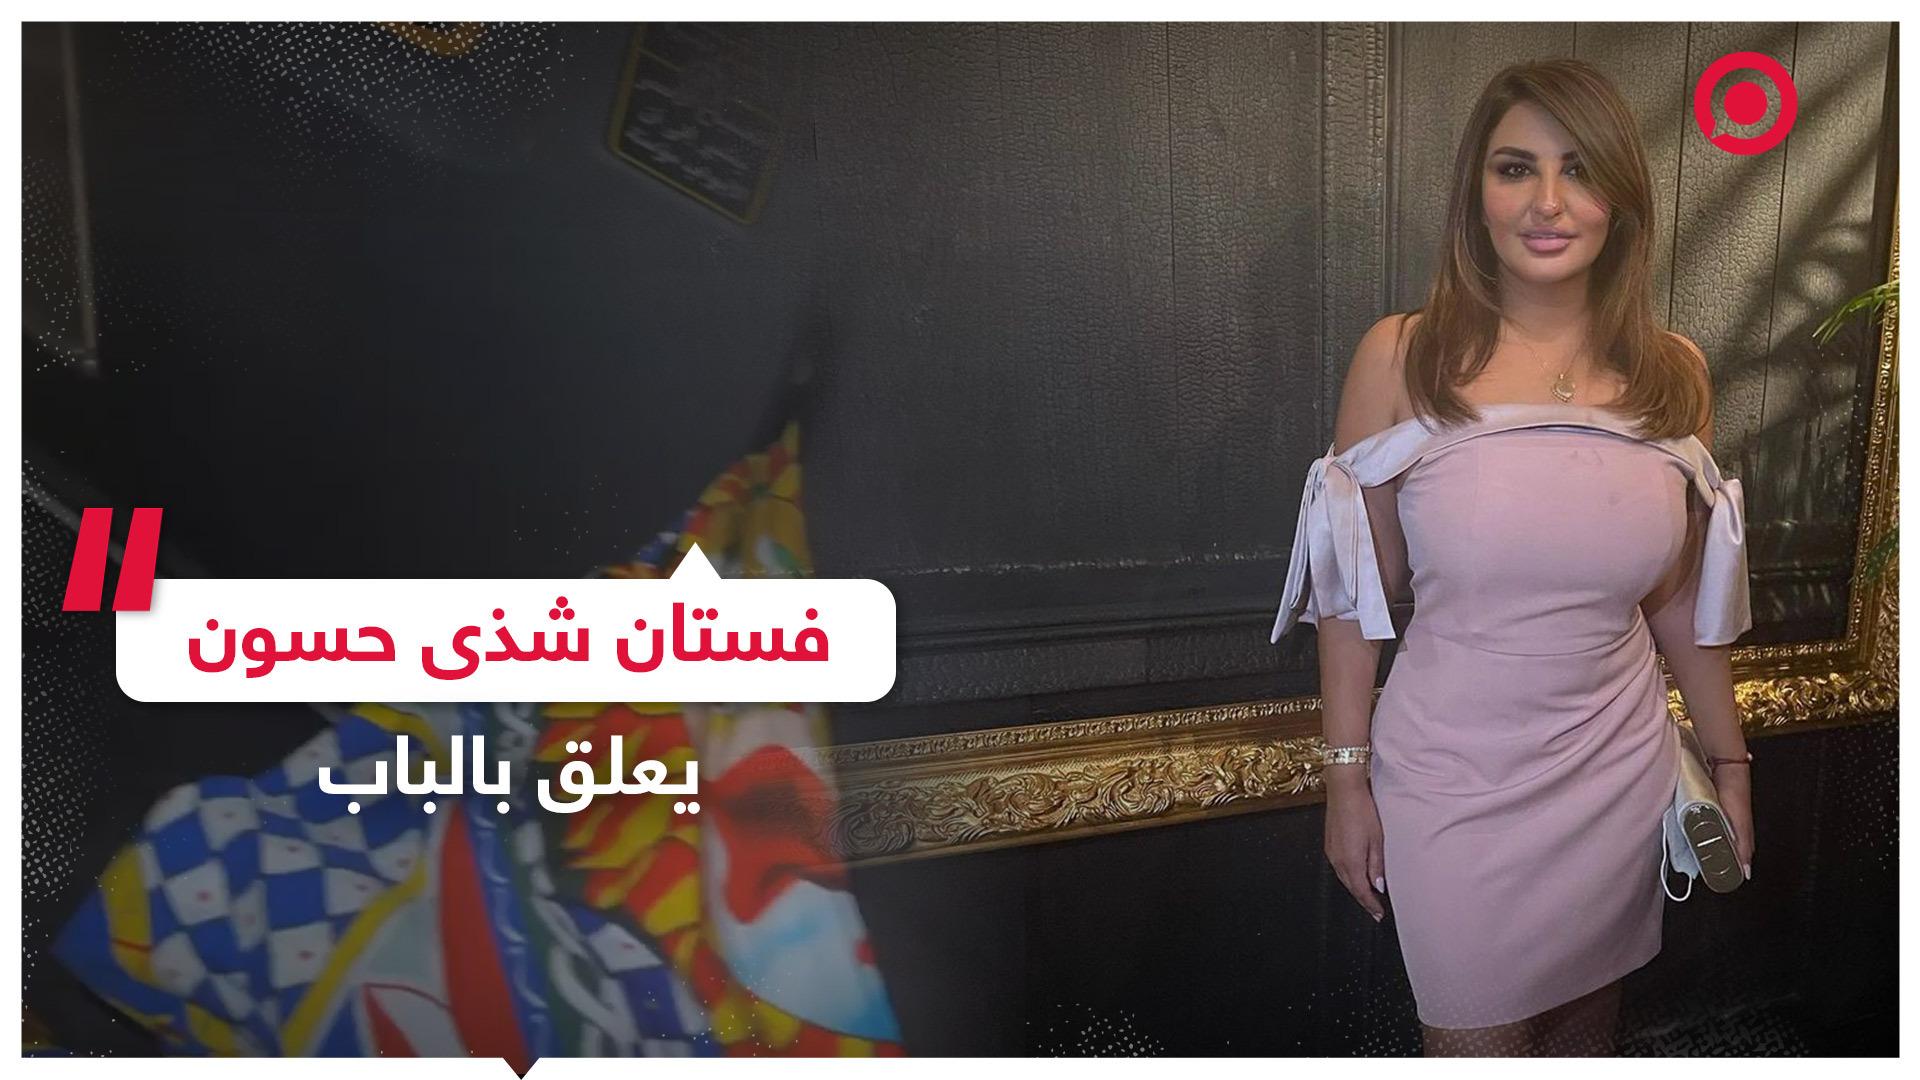 شذى_حسون العراق مصر الجونة معكم_تكتمل_الصورة